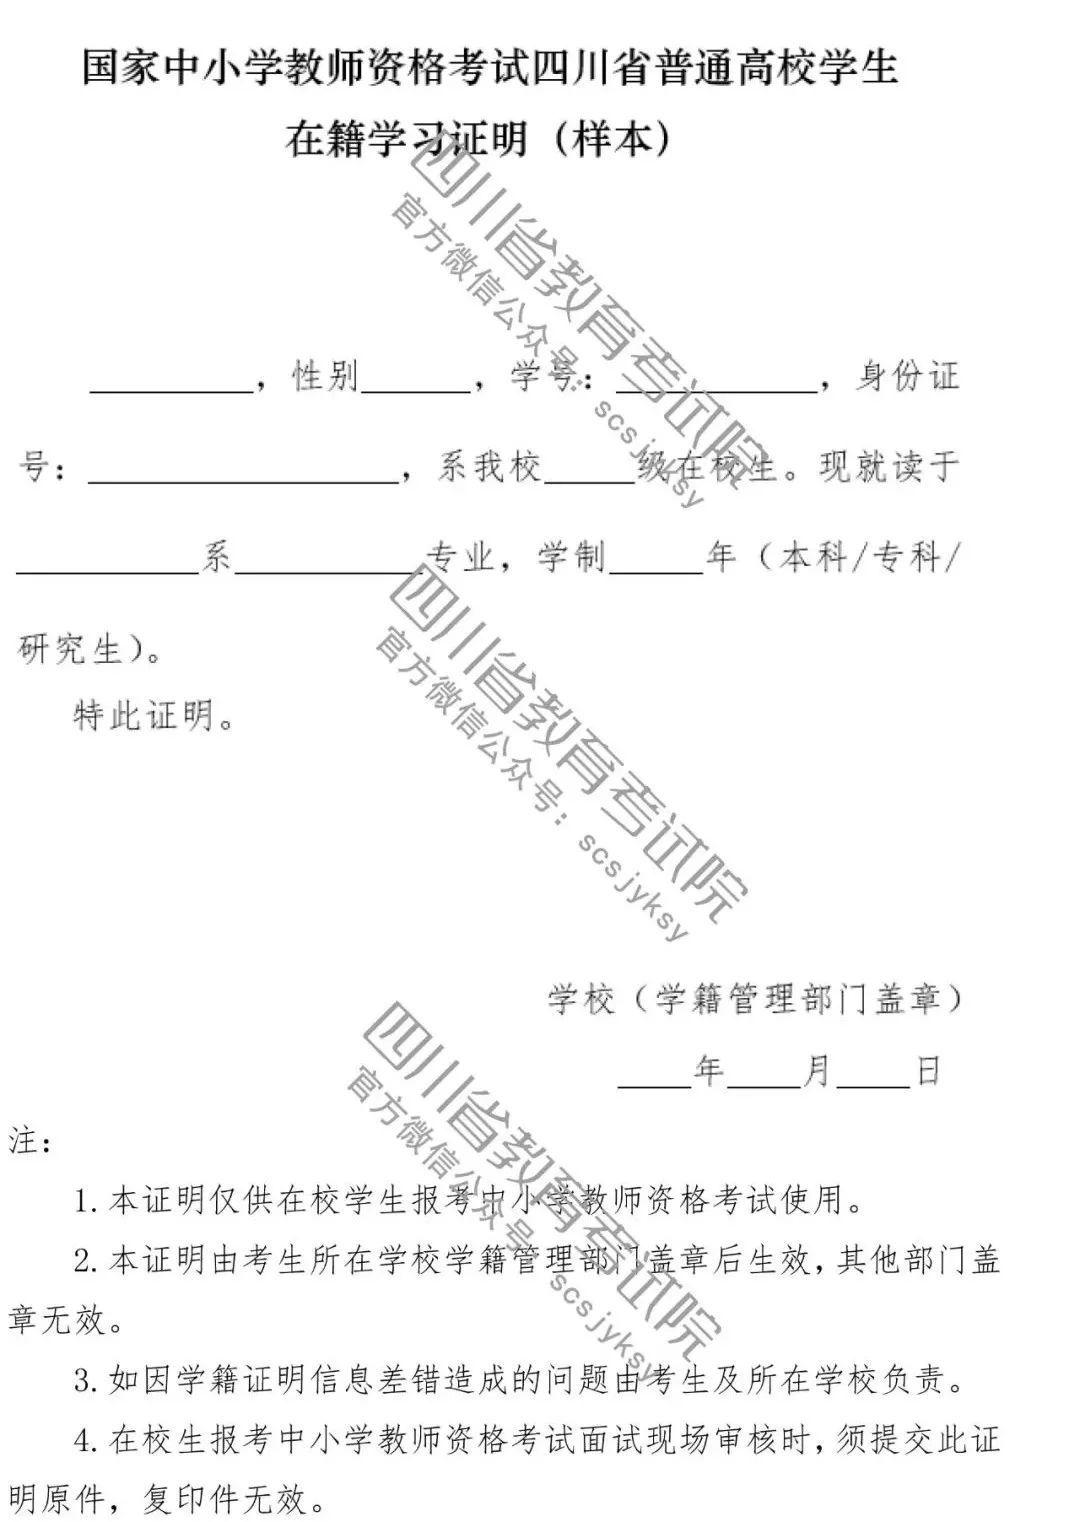 重磅!2019年上半年中小学教师资格考试四川省